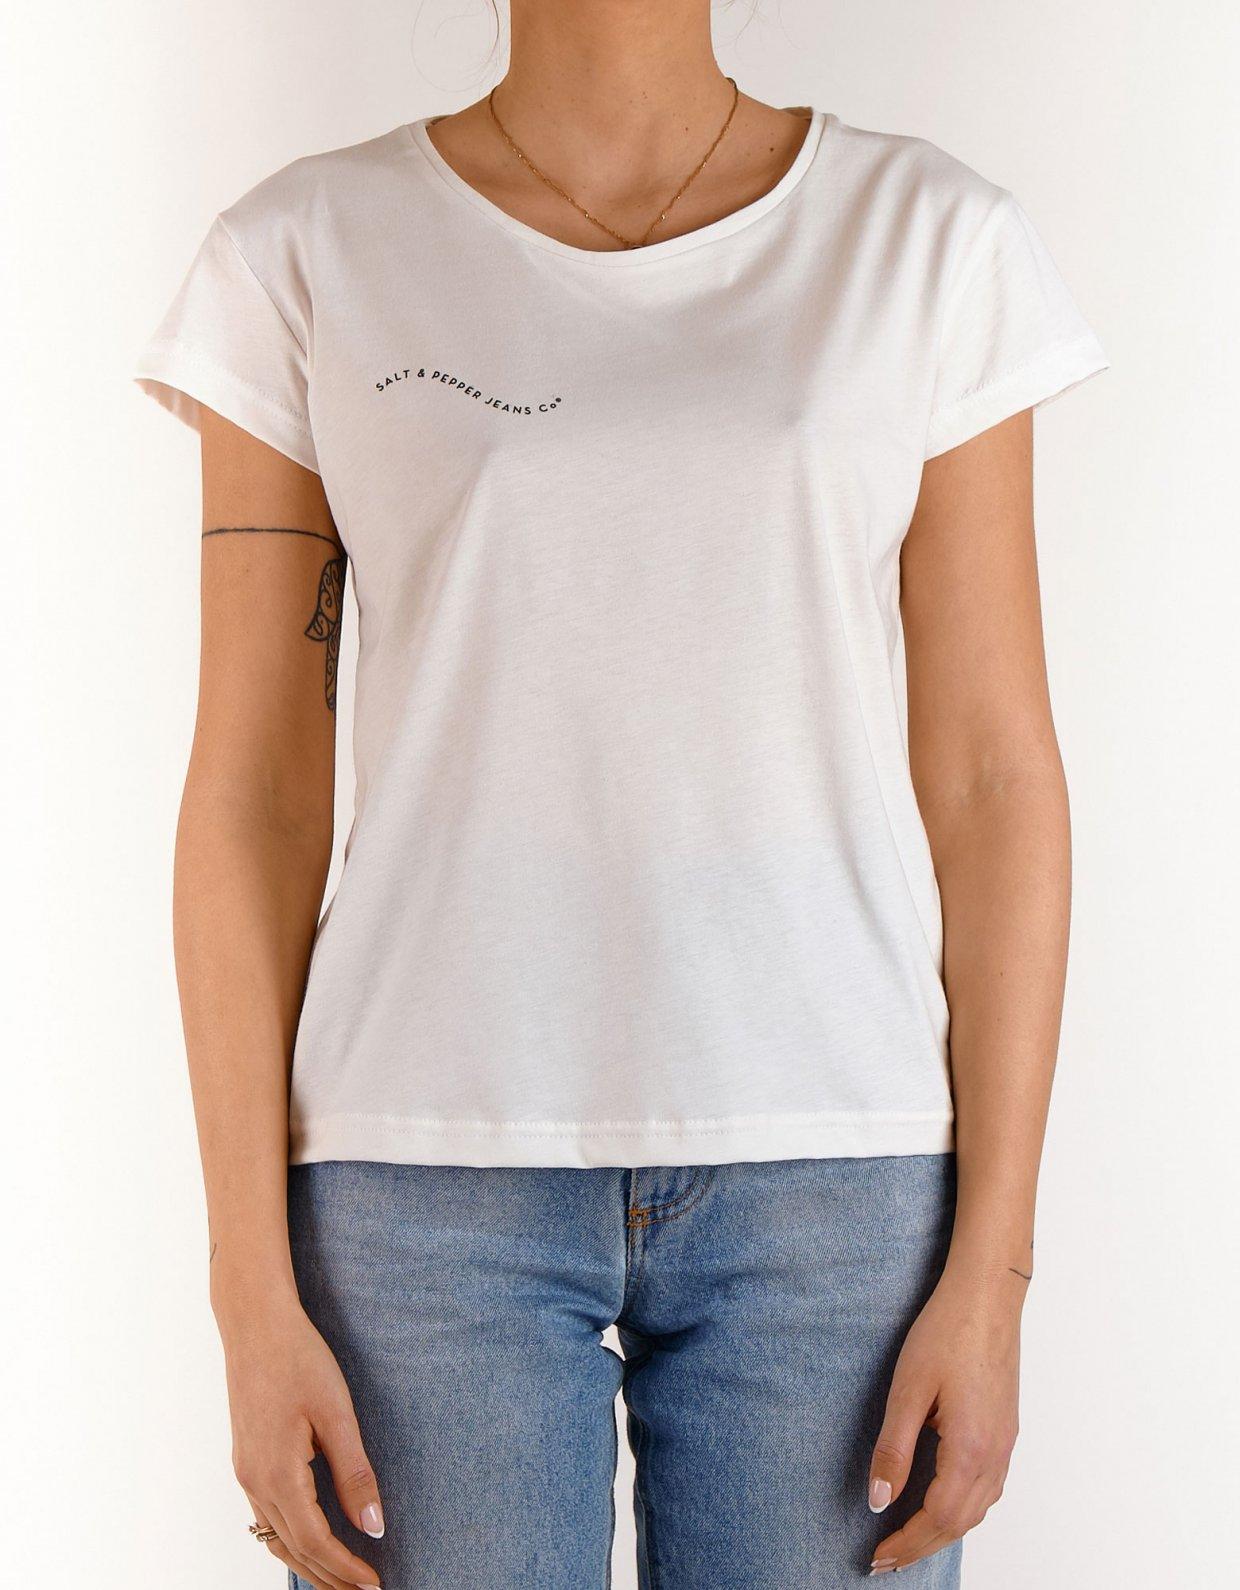 Salt & Pepper Ashley off-white t-shirt 2